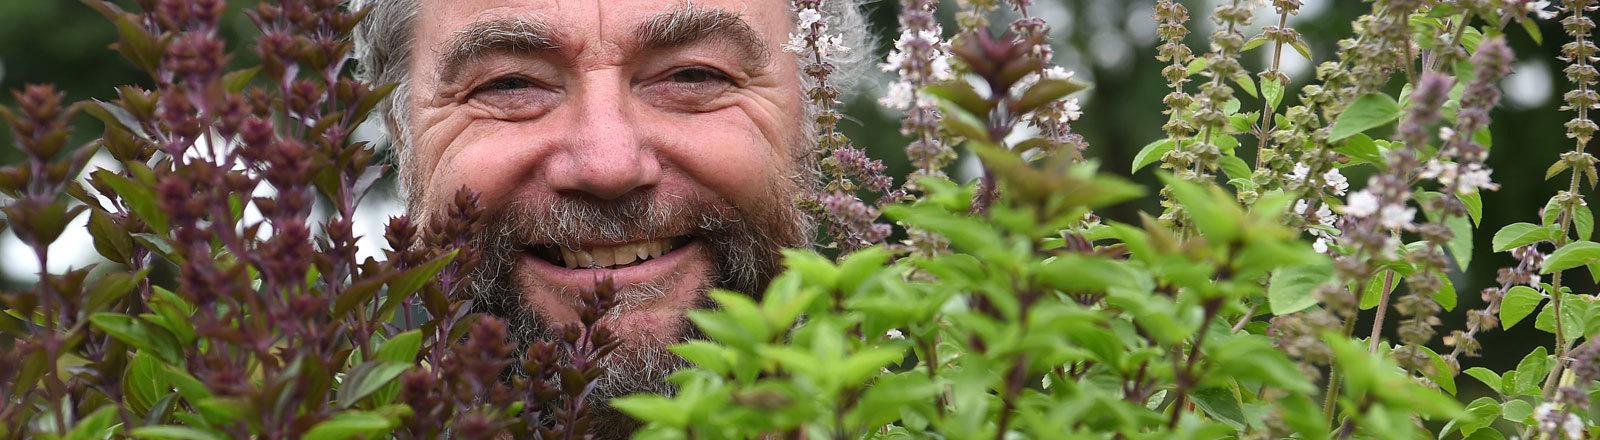 """Herbert Vinken, Inhaber der """"Herb's Bioland-Gärtnerei"""", hält Töpfe mit Basilikum, """"African Blue"""" (l), """"African White"""" (r) und """"Russisches Basilikum"""" in seinen Händen."""